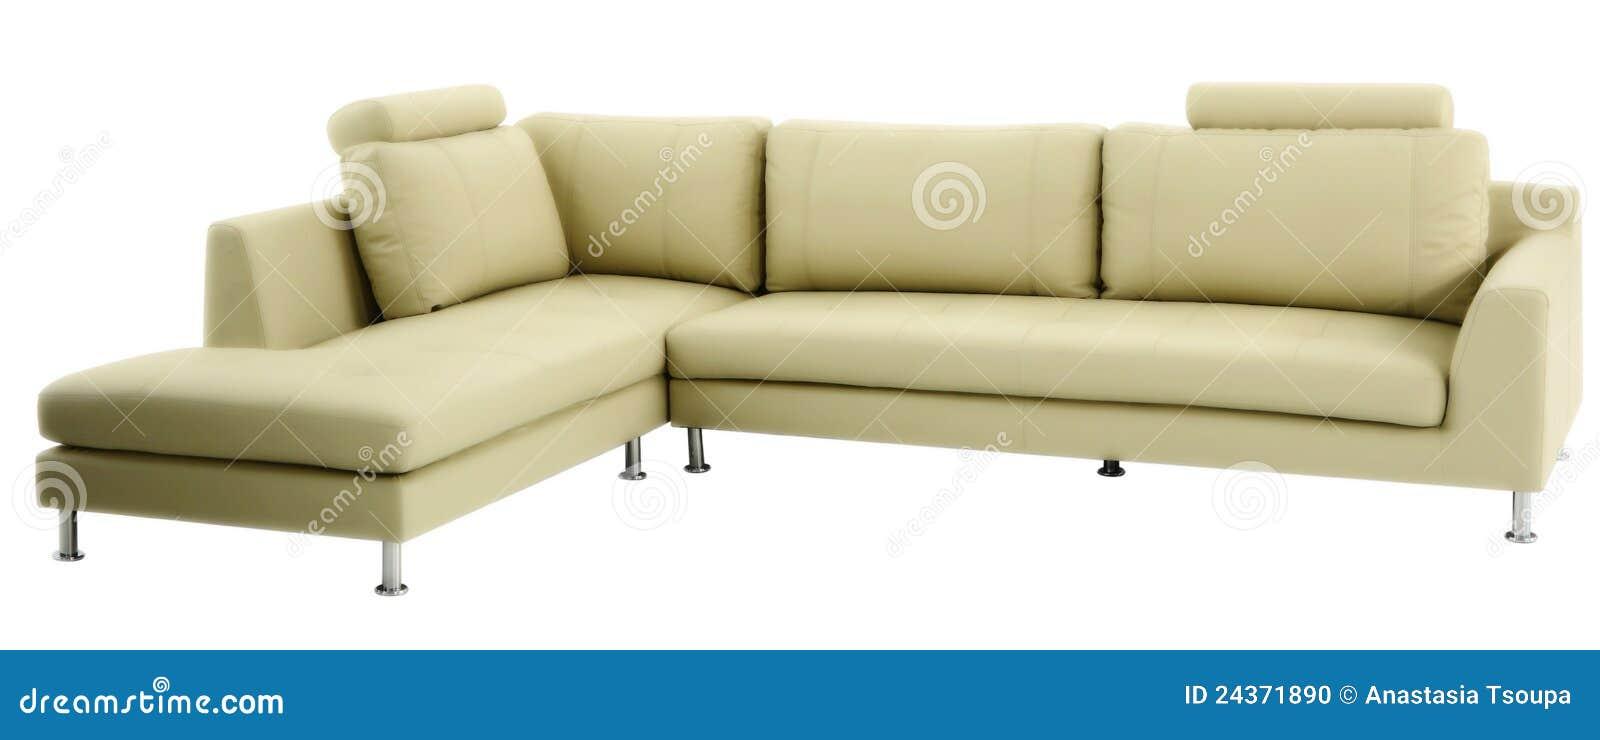 Απομονωμένος σύγχρονος καναπές